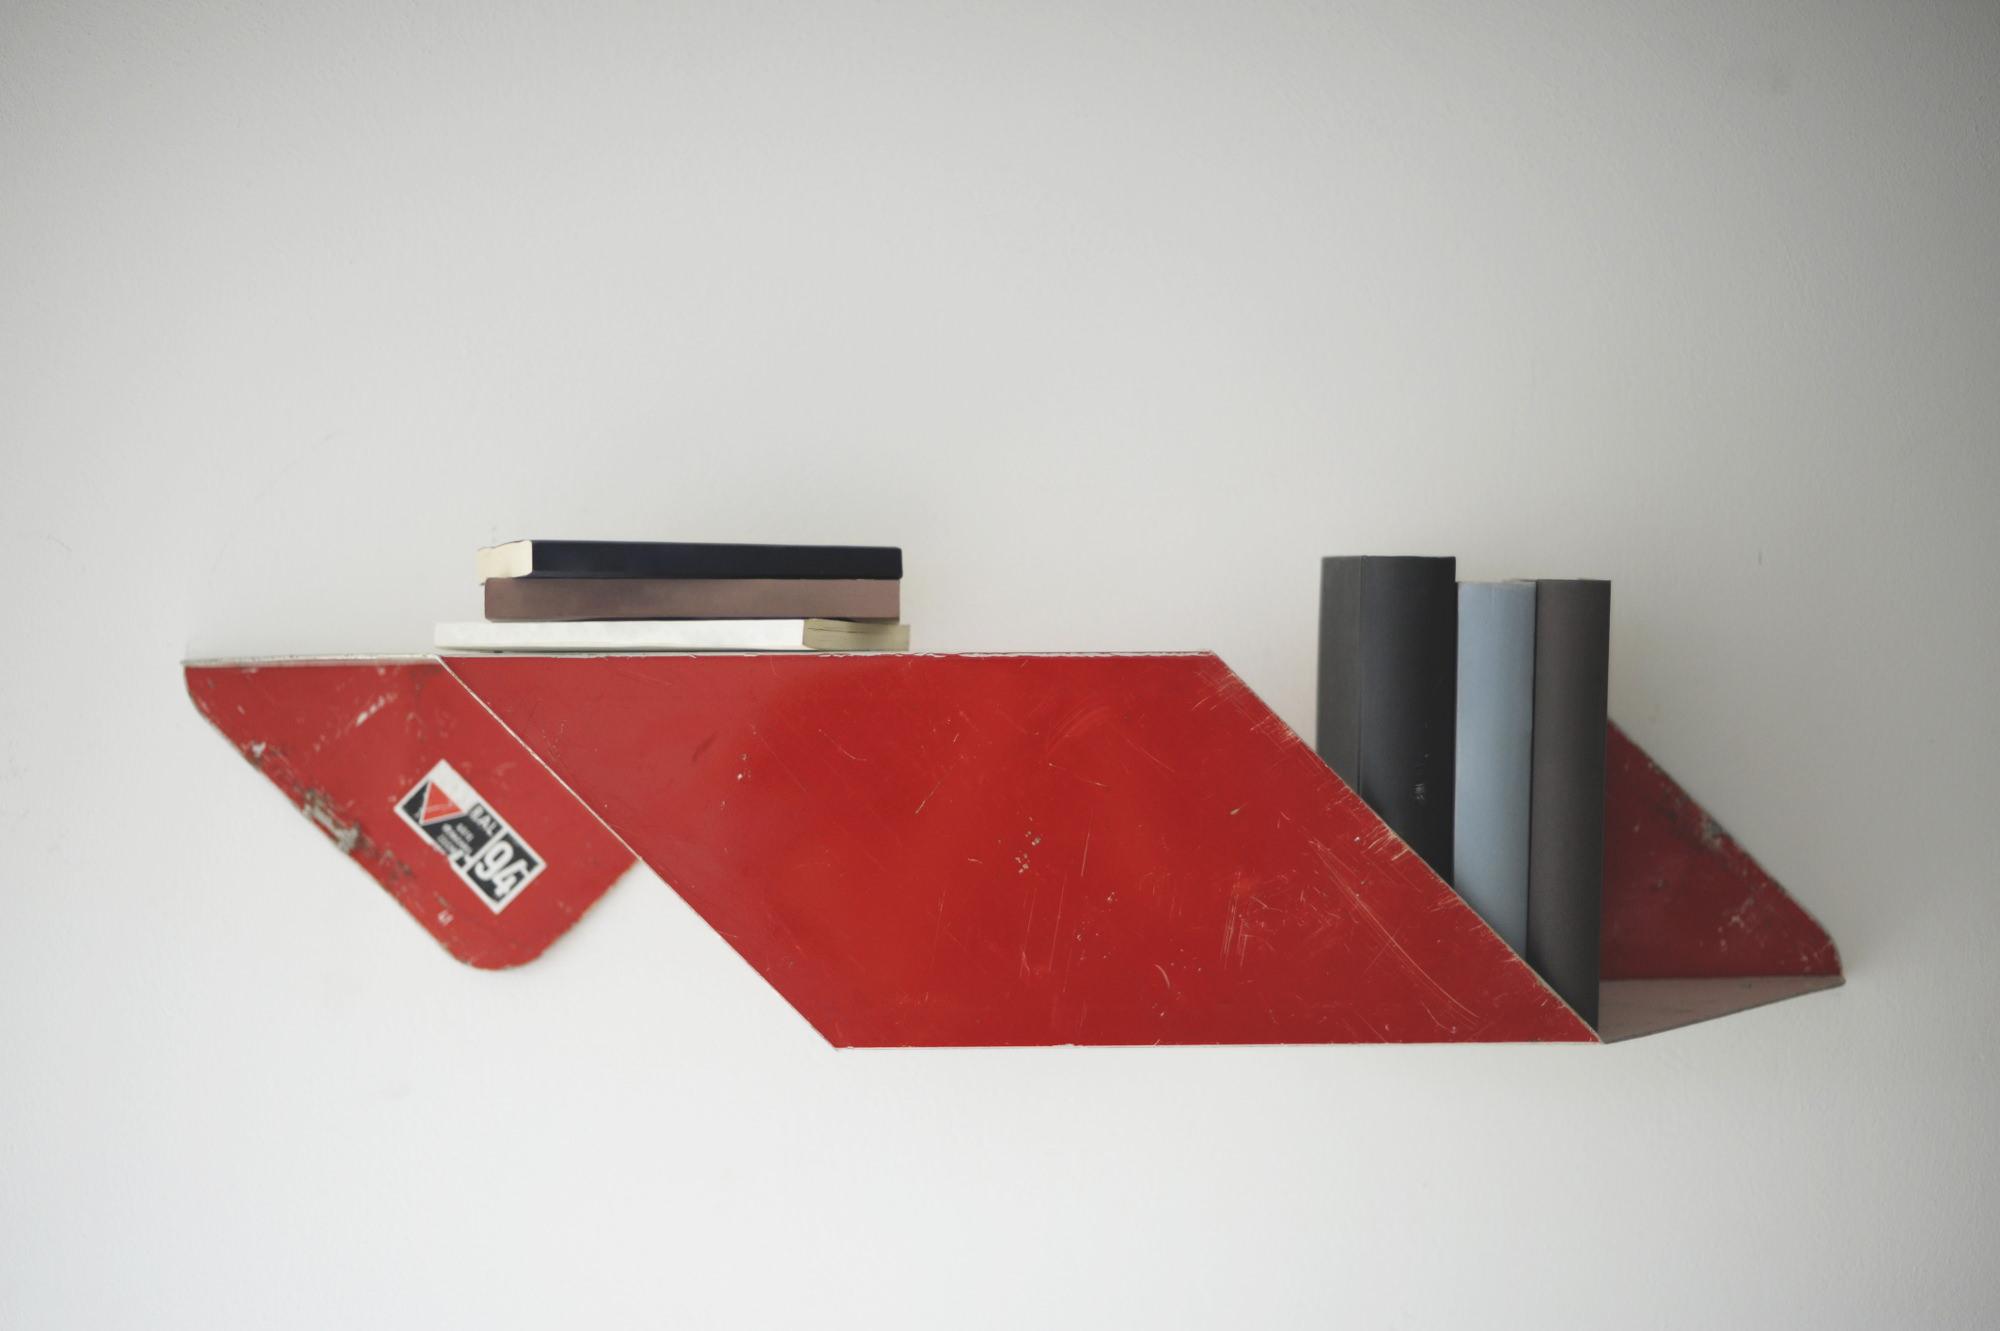 knickblech verkehrsschilder f r die wohnungseinrichtung. Black Bedroom Furniture Sets. Home Design Ideas